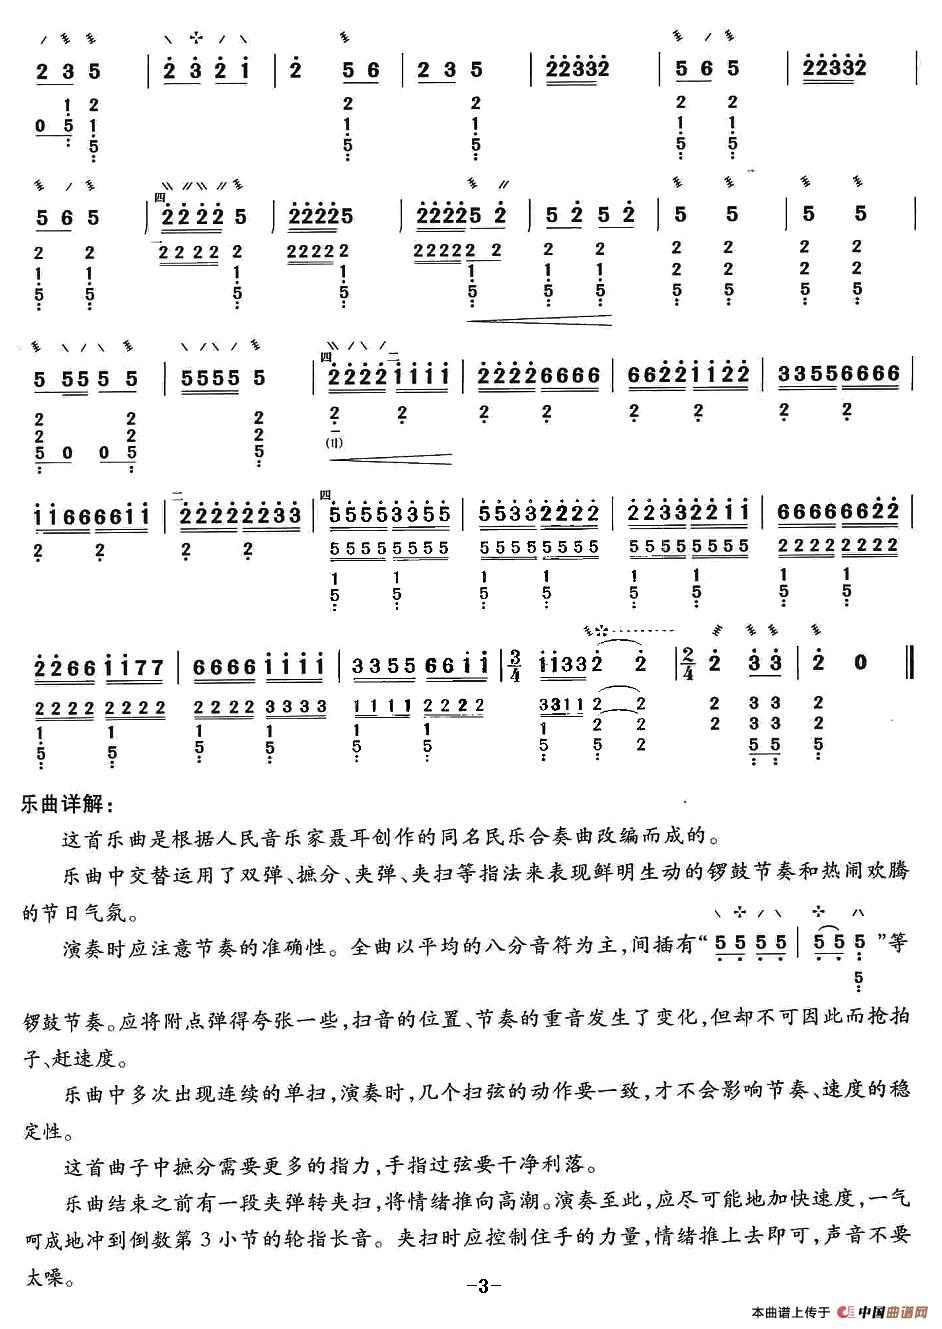 琵琶曲谱大鱼_大鱼琵琶演奏曲谱